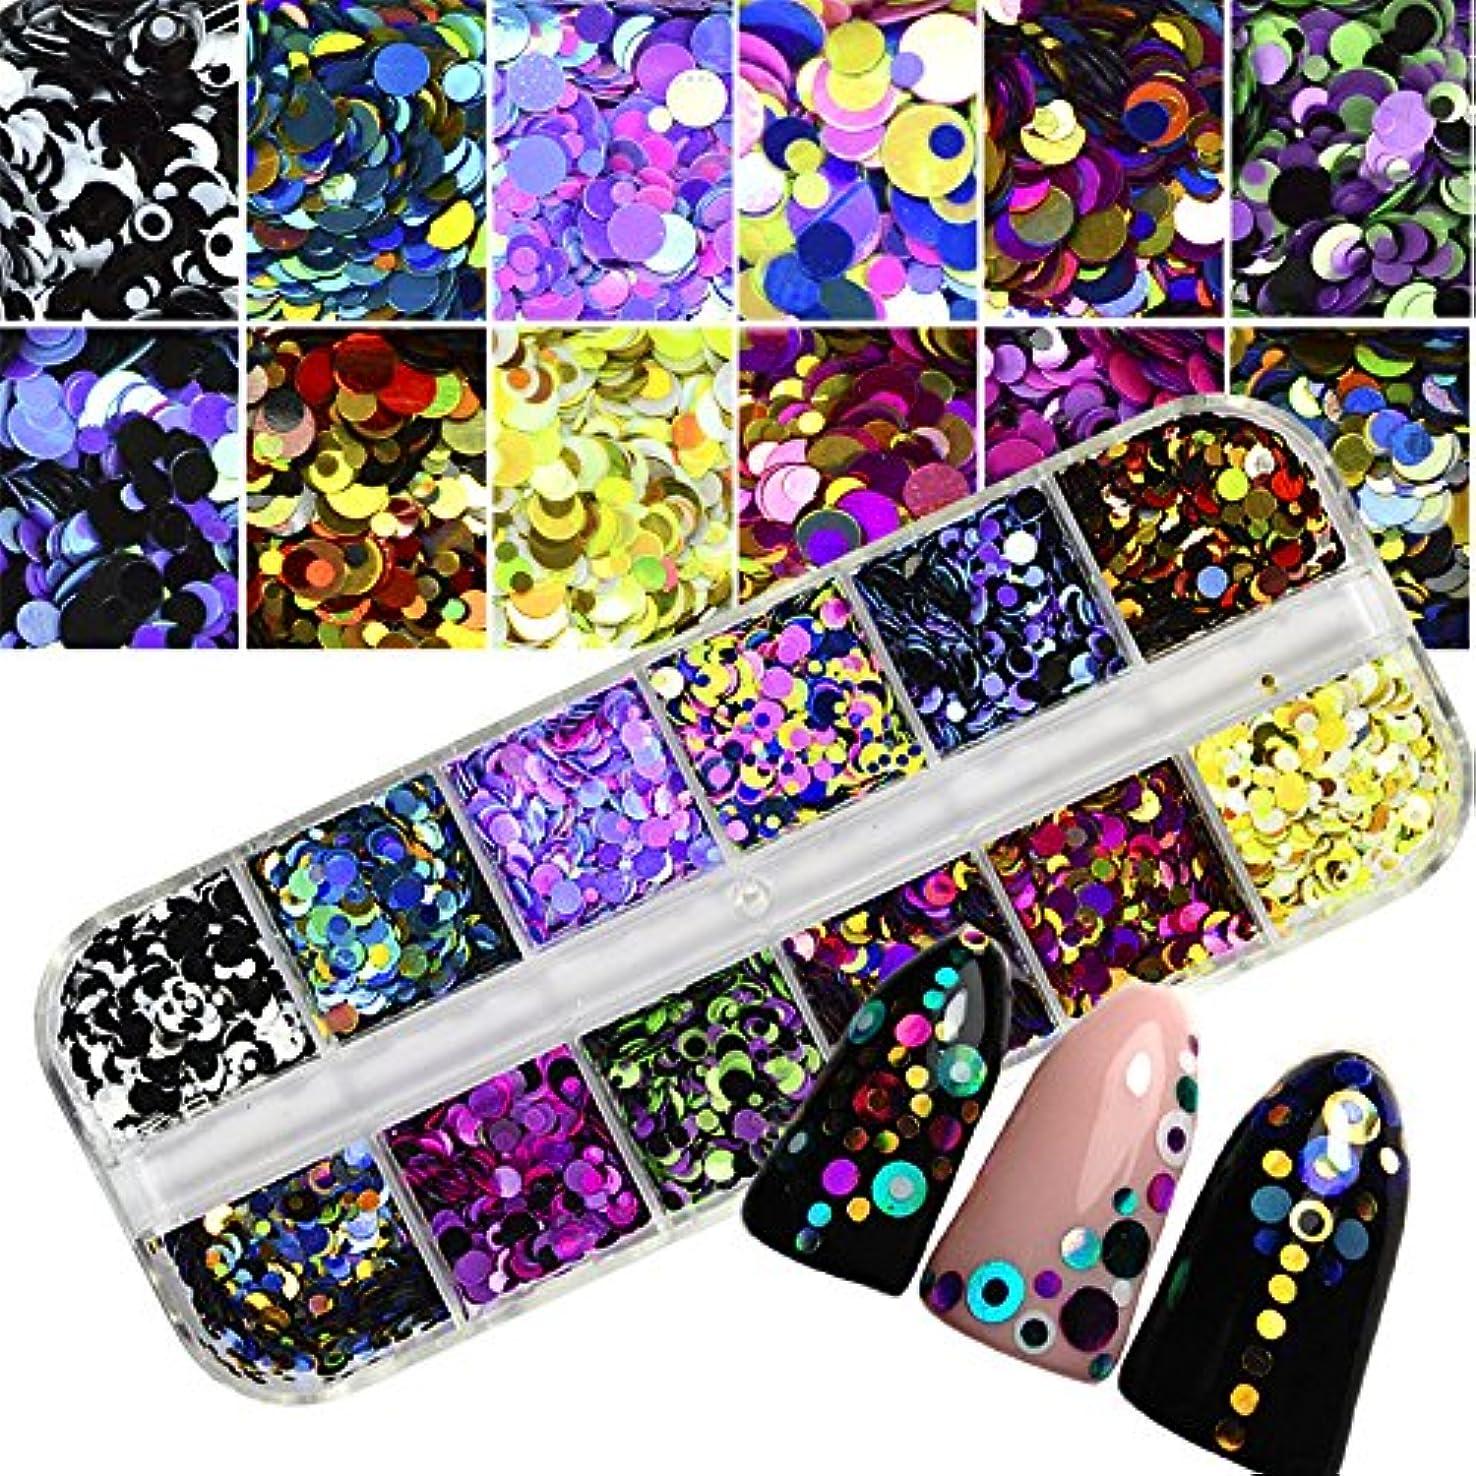 食器棚内訳先生1 Set Dazzling Round Nail Glitter Sequins Dust Mixed 12 Grids 1/2/3mm DIY Charm Polish Flakes Decorations Manicure...